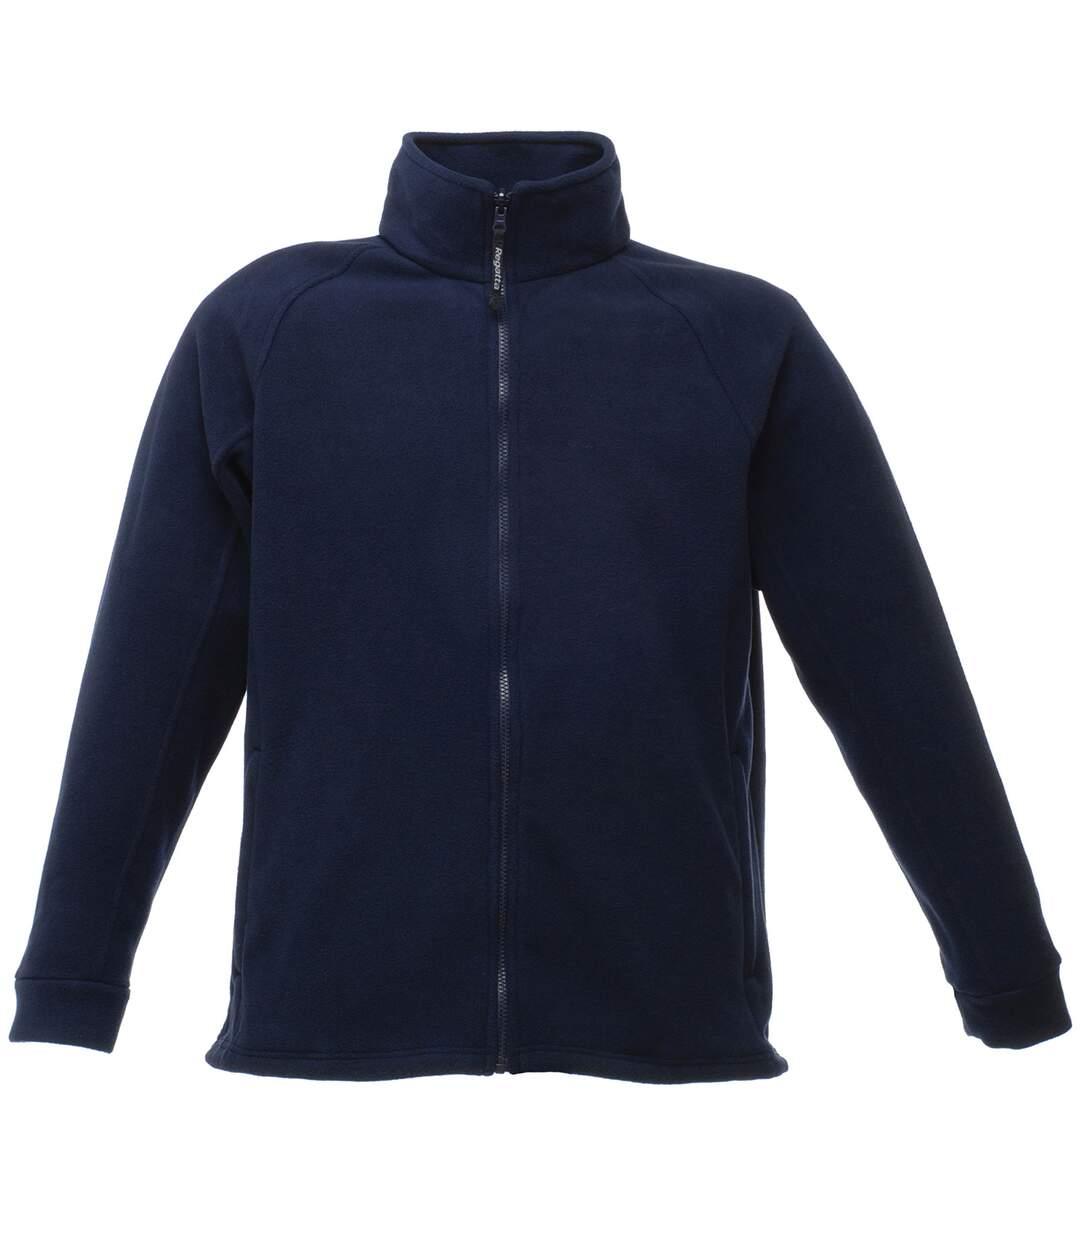 Regatta Mens Thor 300 Full Zip Fleece Jacket (Navy) - UTRG1533